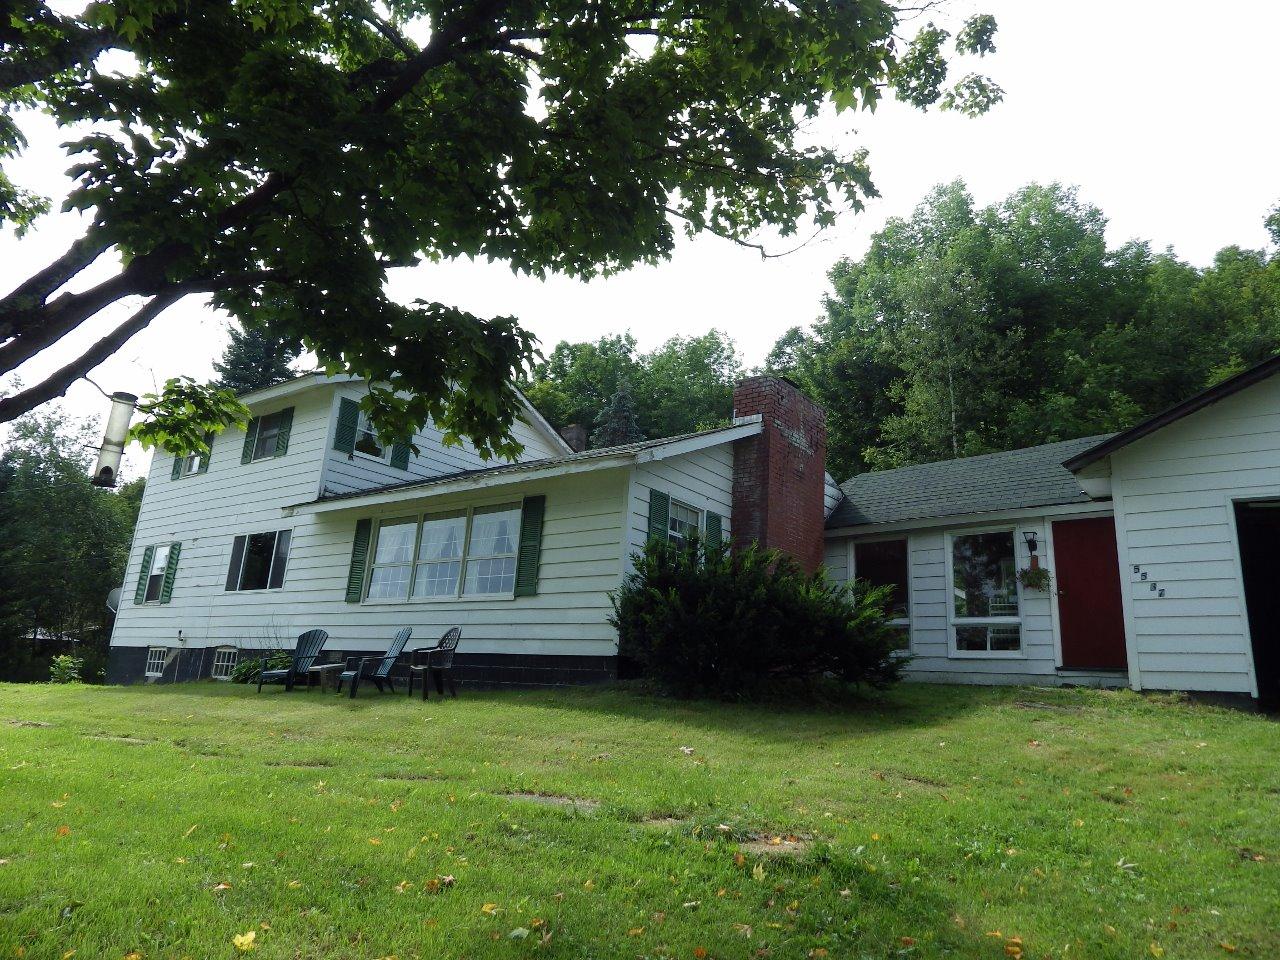 獨棟家庭住宅 為 出售 在 Garfield Road 5537 Garfield Rd Hyde Park, 佛蒙特州 05655 美國